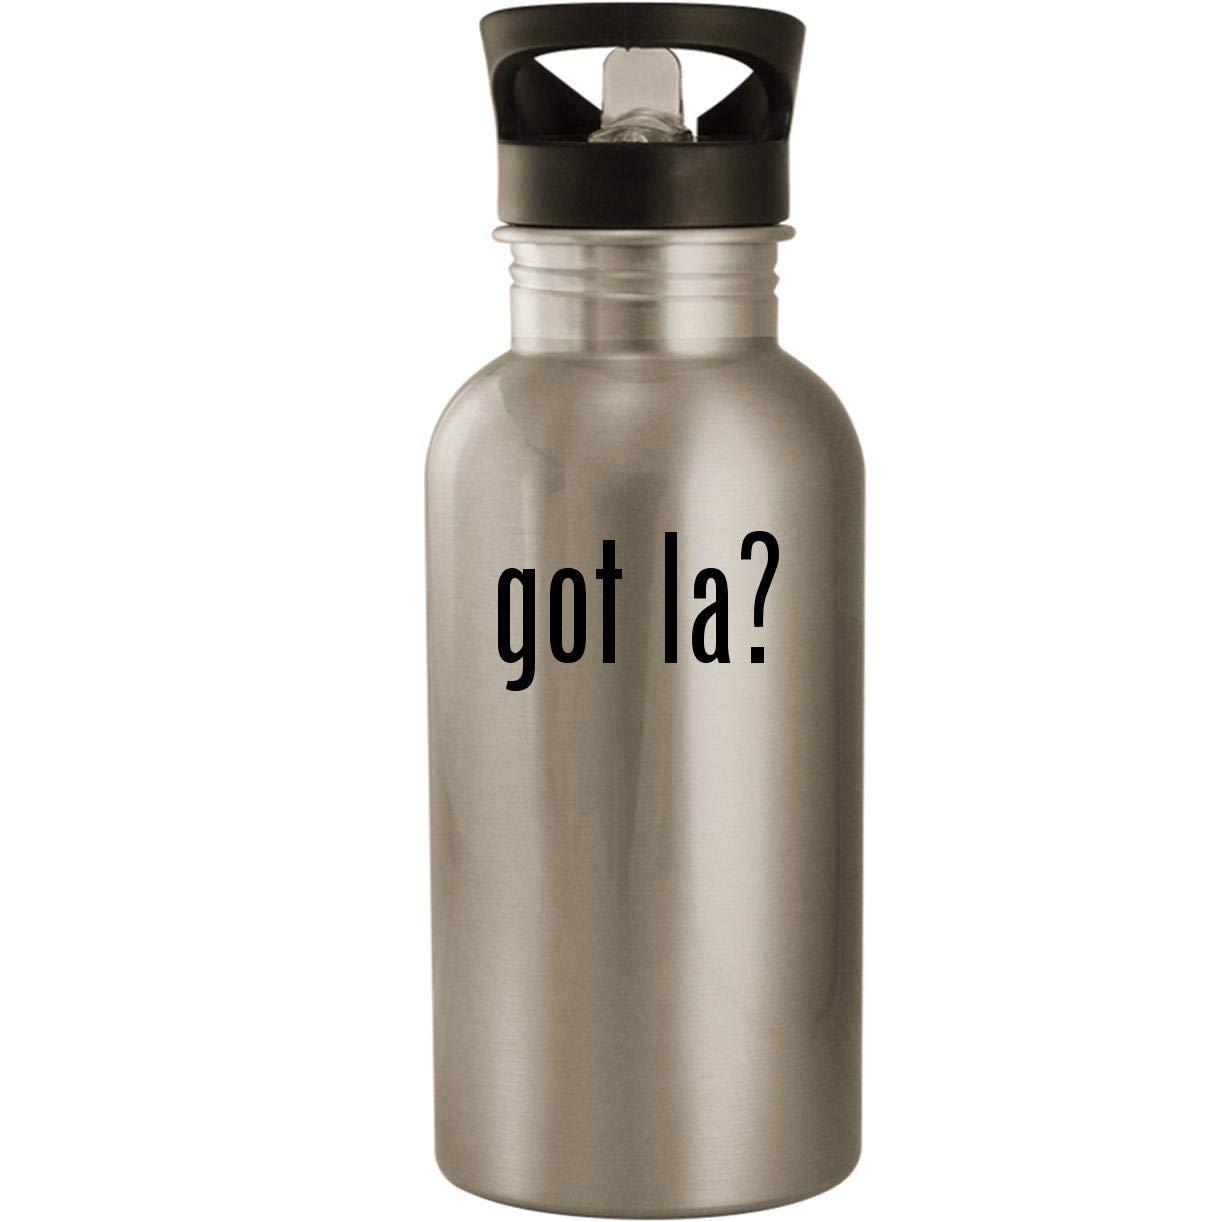 got la? - Stainless Steel 20oz Road Ready Water Bottle, Silver